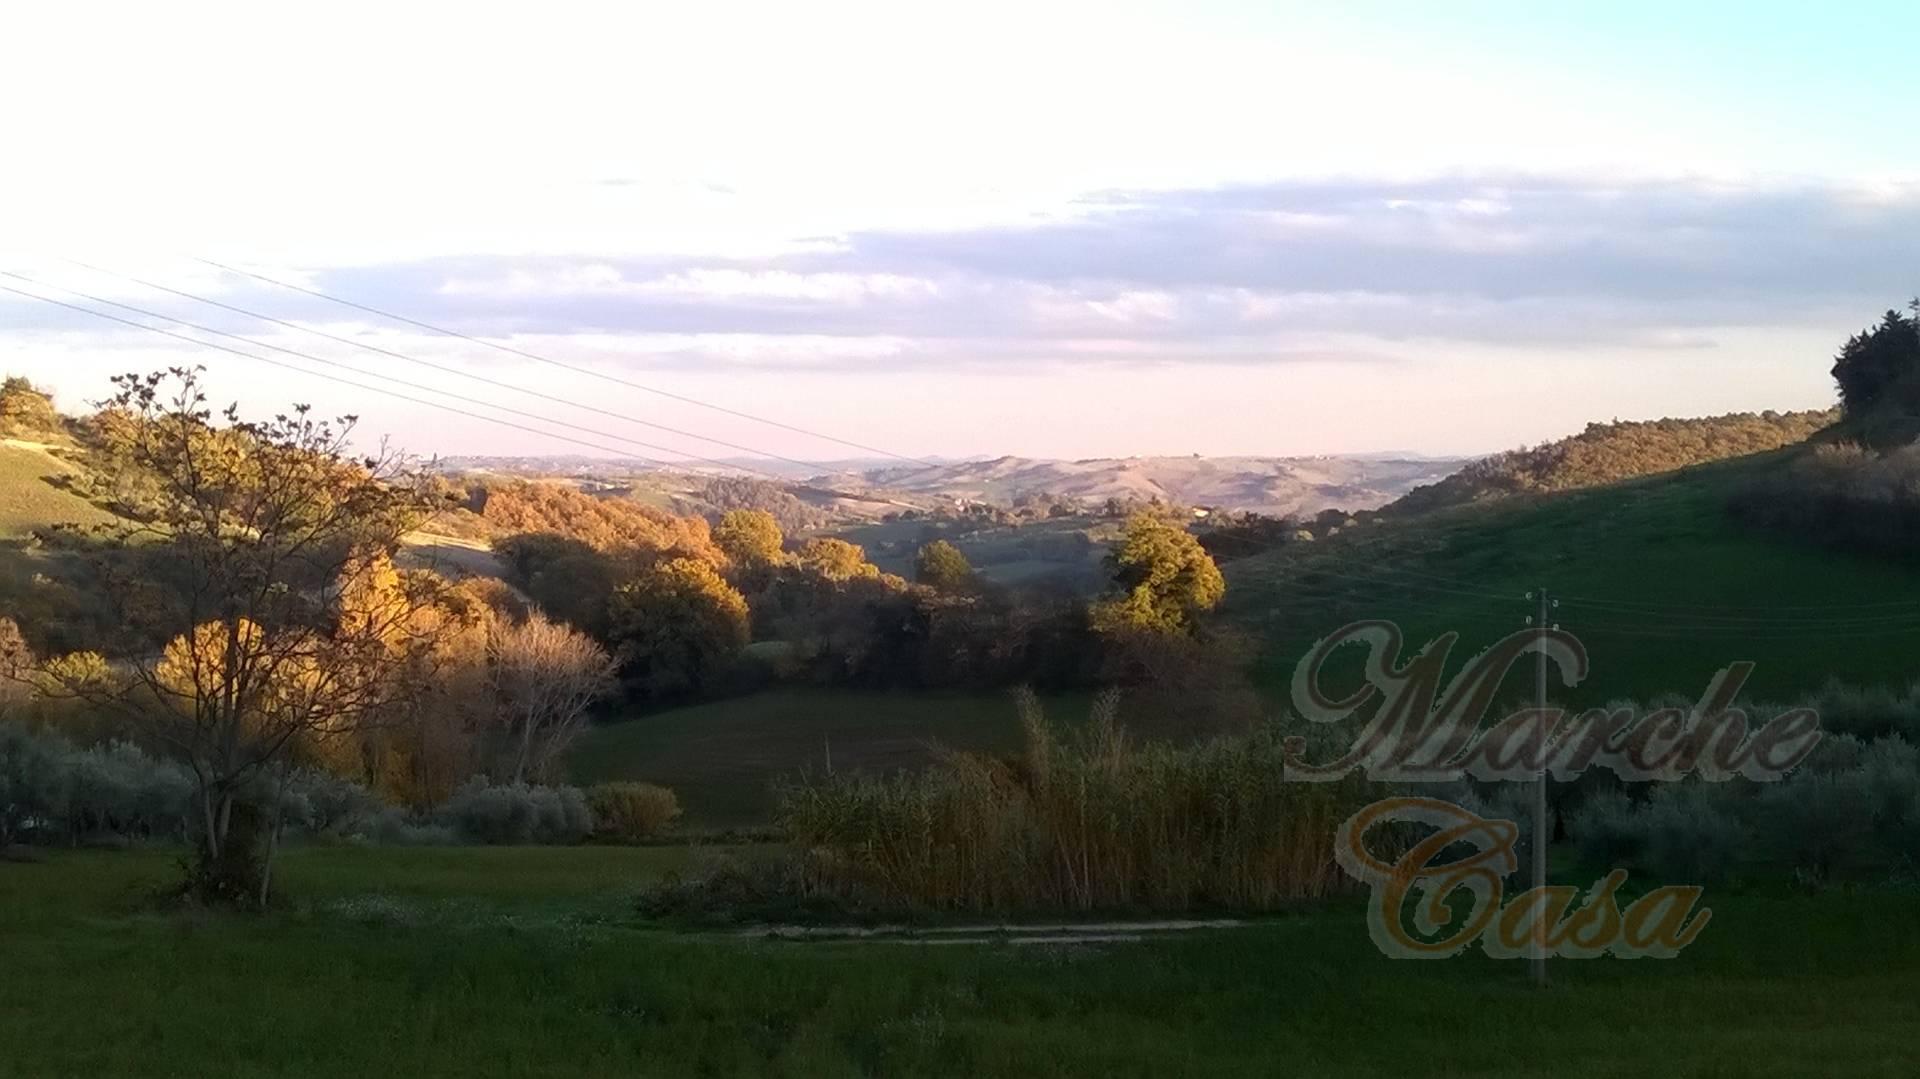 Terreno Agricolo in vendita a San Severino Marche, 9999 locali, prezzo € 60.000 | CambioCasa.it